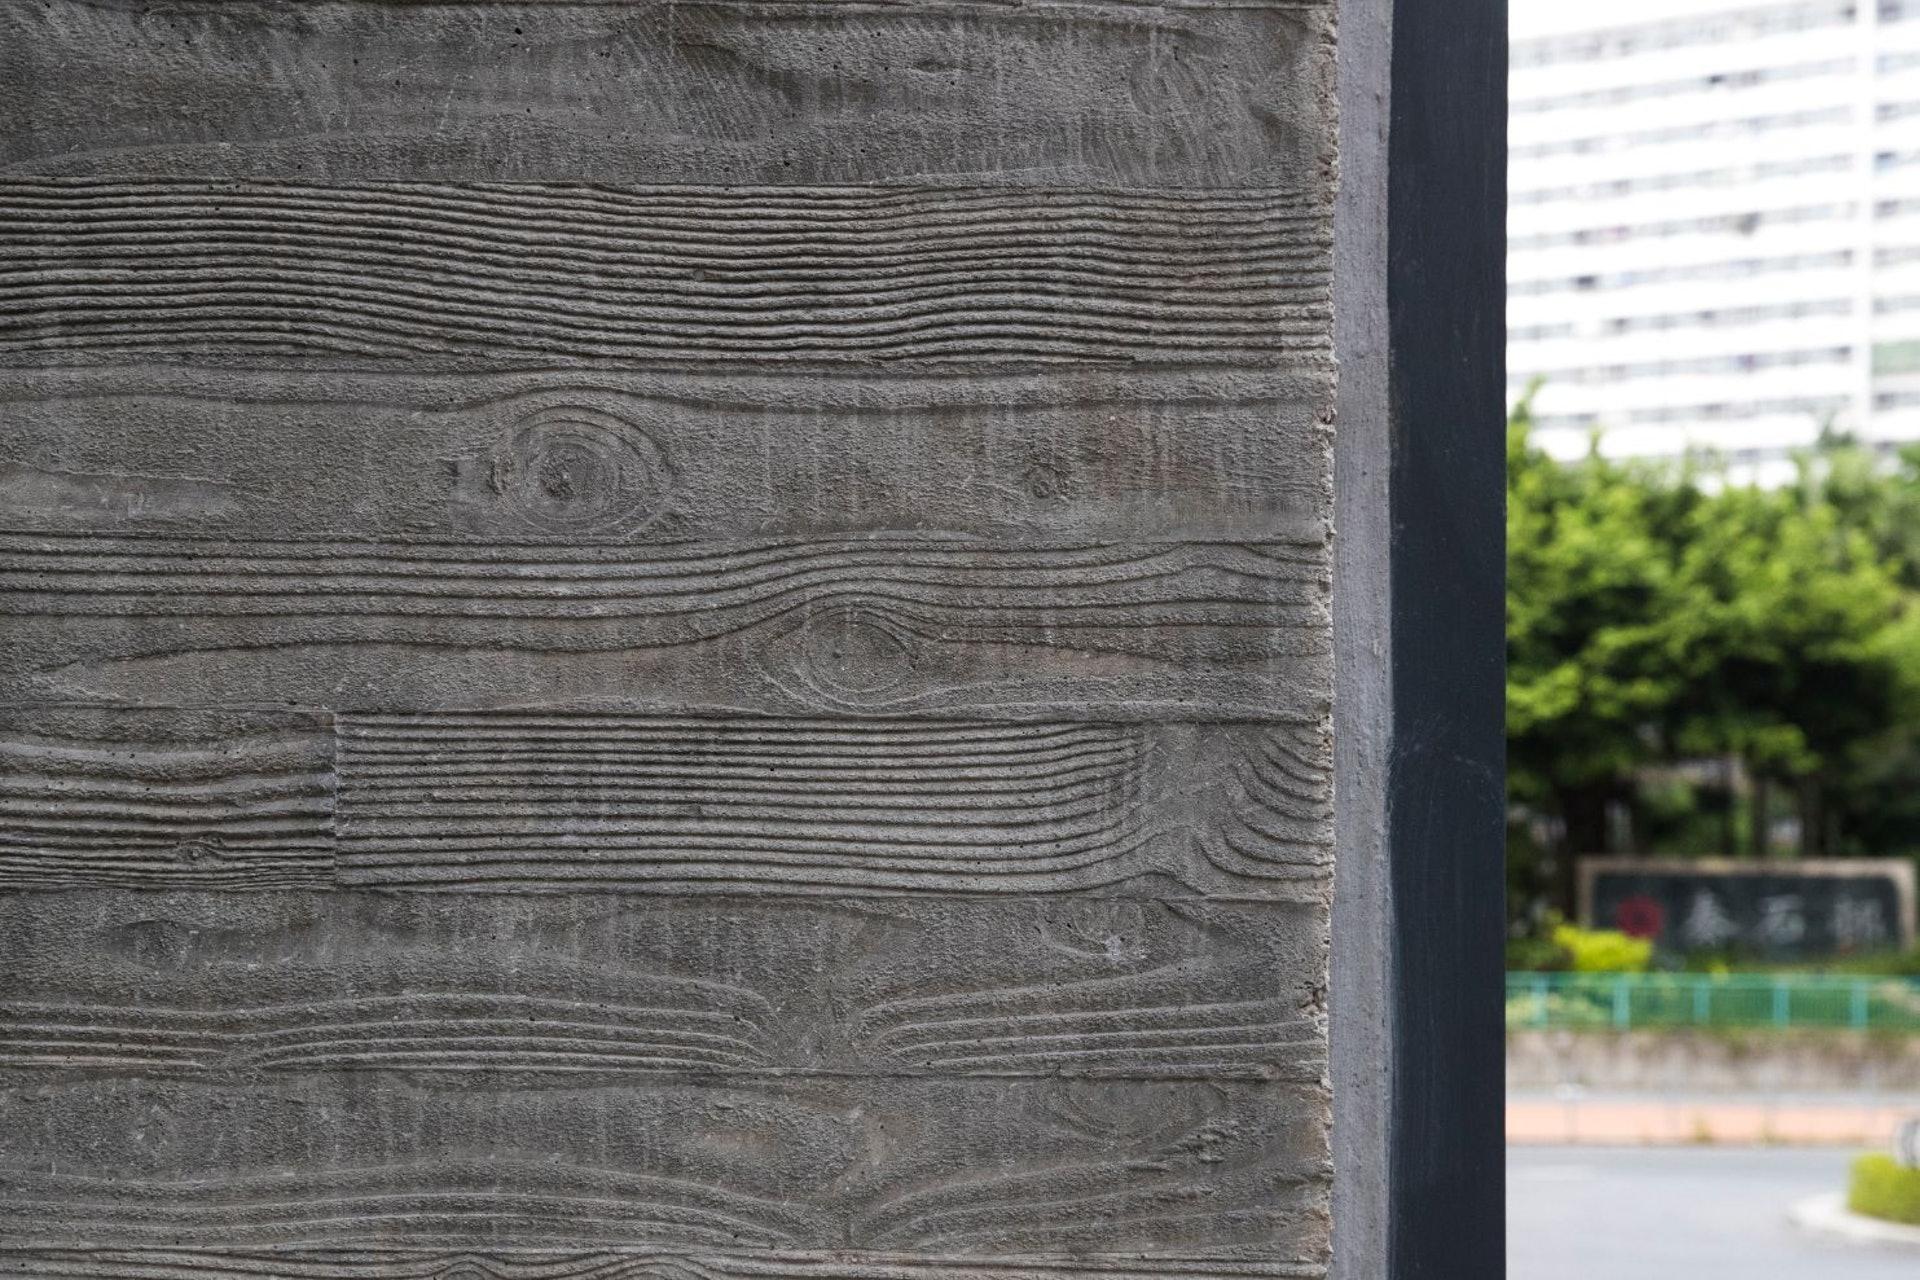 以有深刻木紋的木板來做模板,然後倒進水泥,讓混凝土的表面有另一種質感,作為外牆的點綴。(余俊亮 攝)